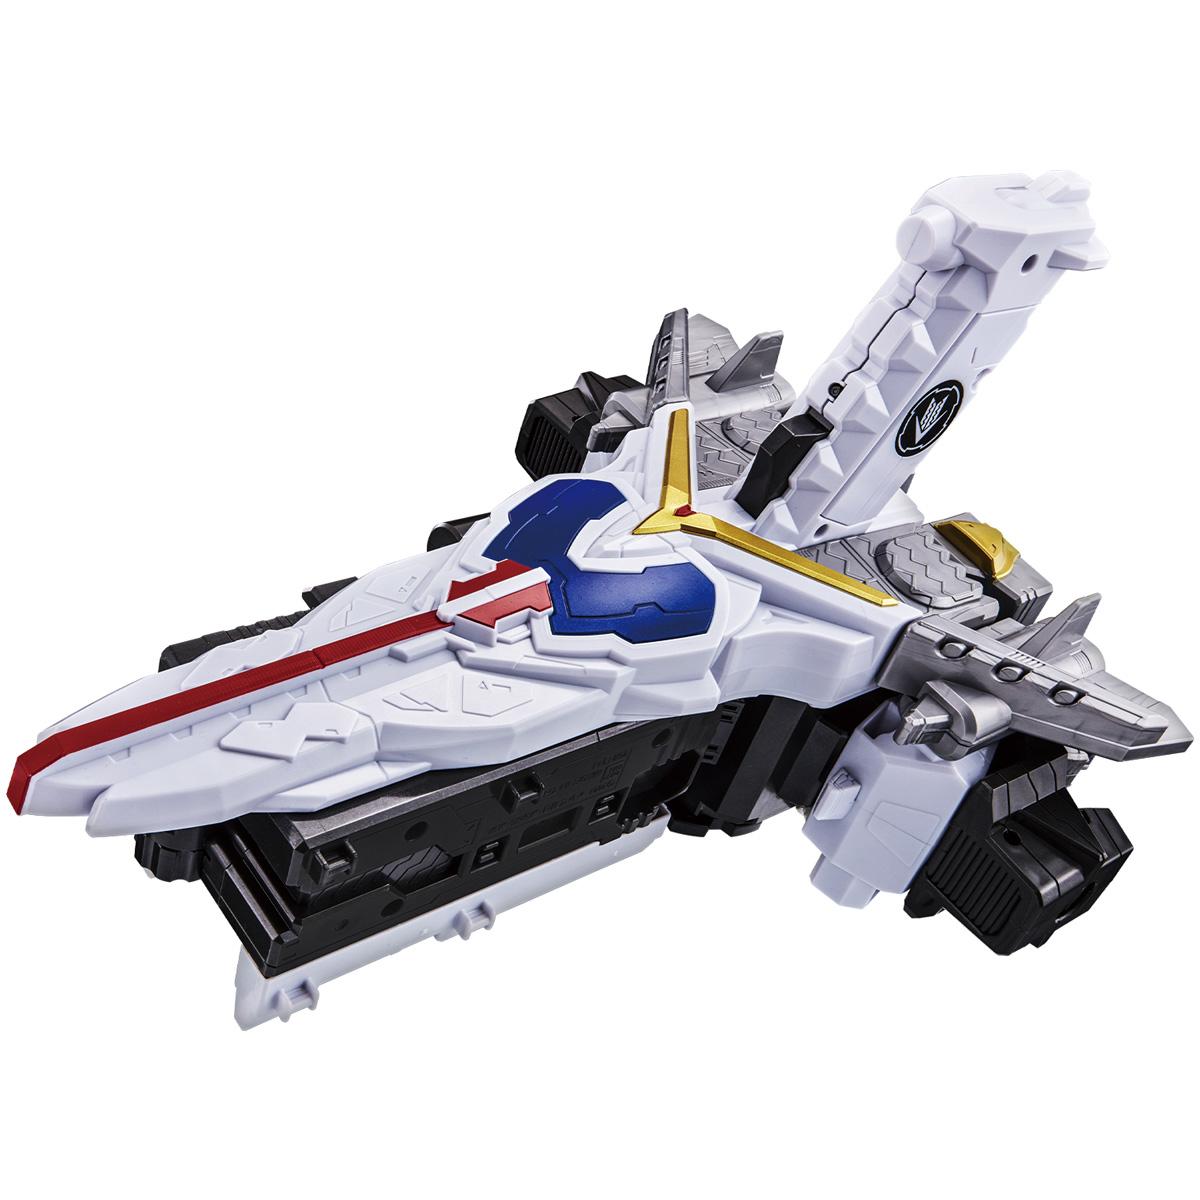 機界戦隊ゼンカイジャー『DXゼンリョクゼンカイキャノン』変身なりきり-002